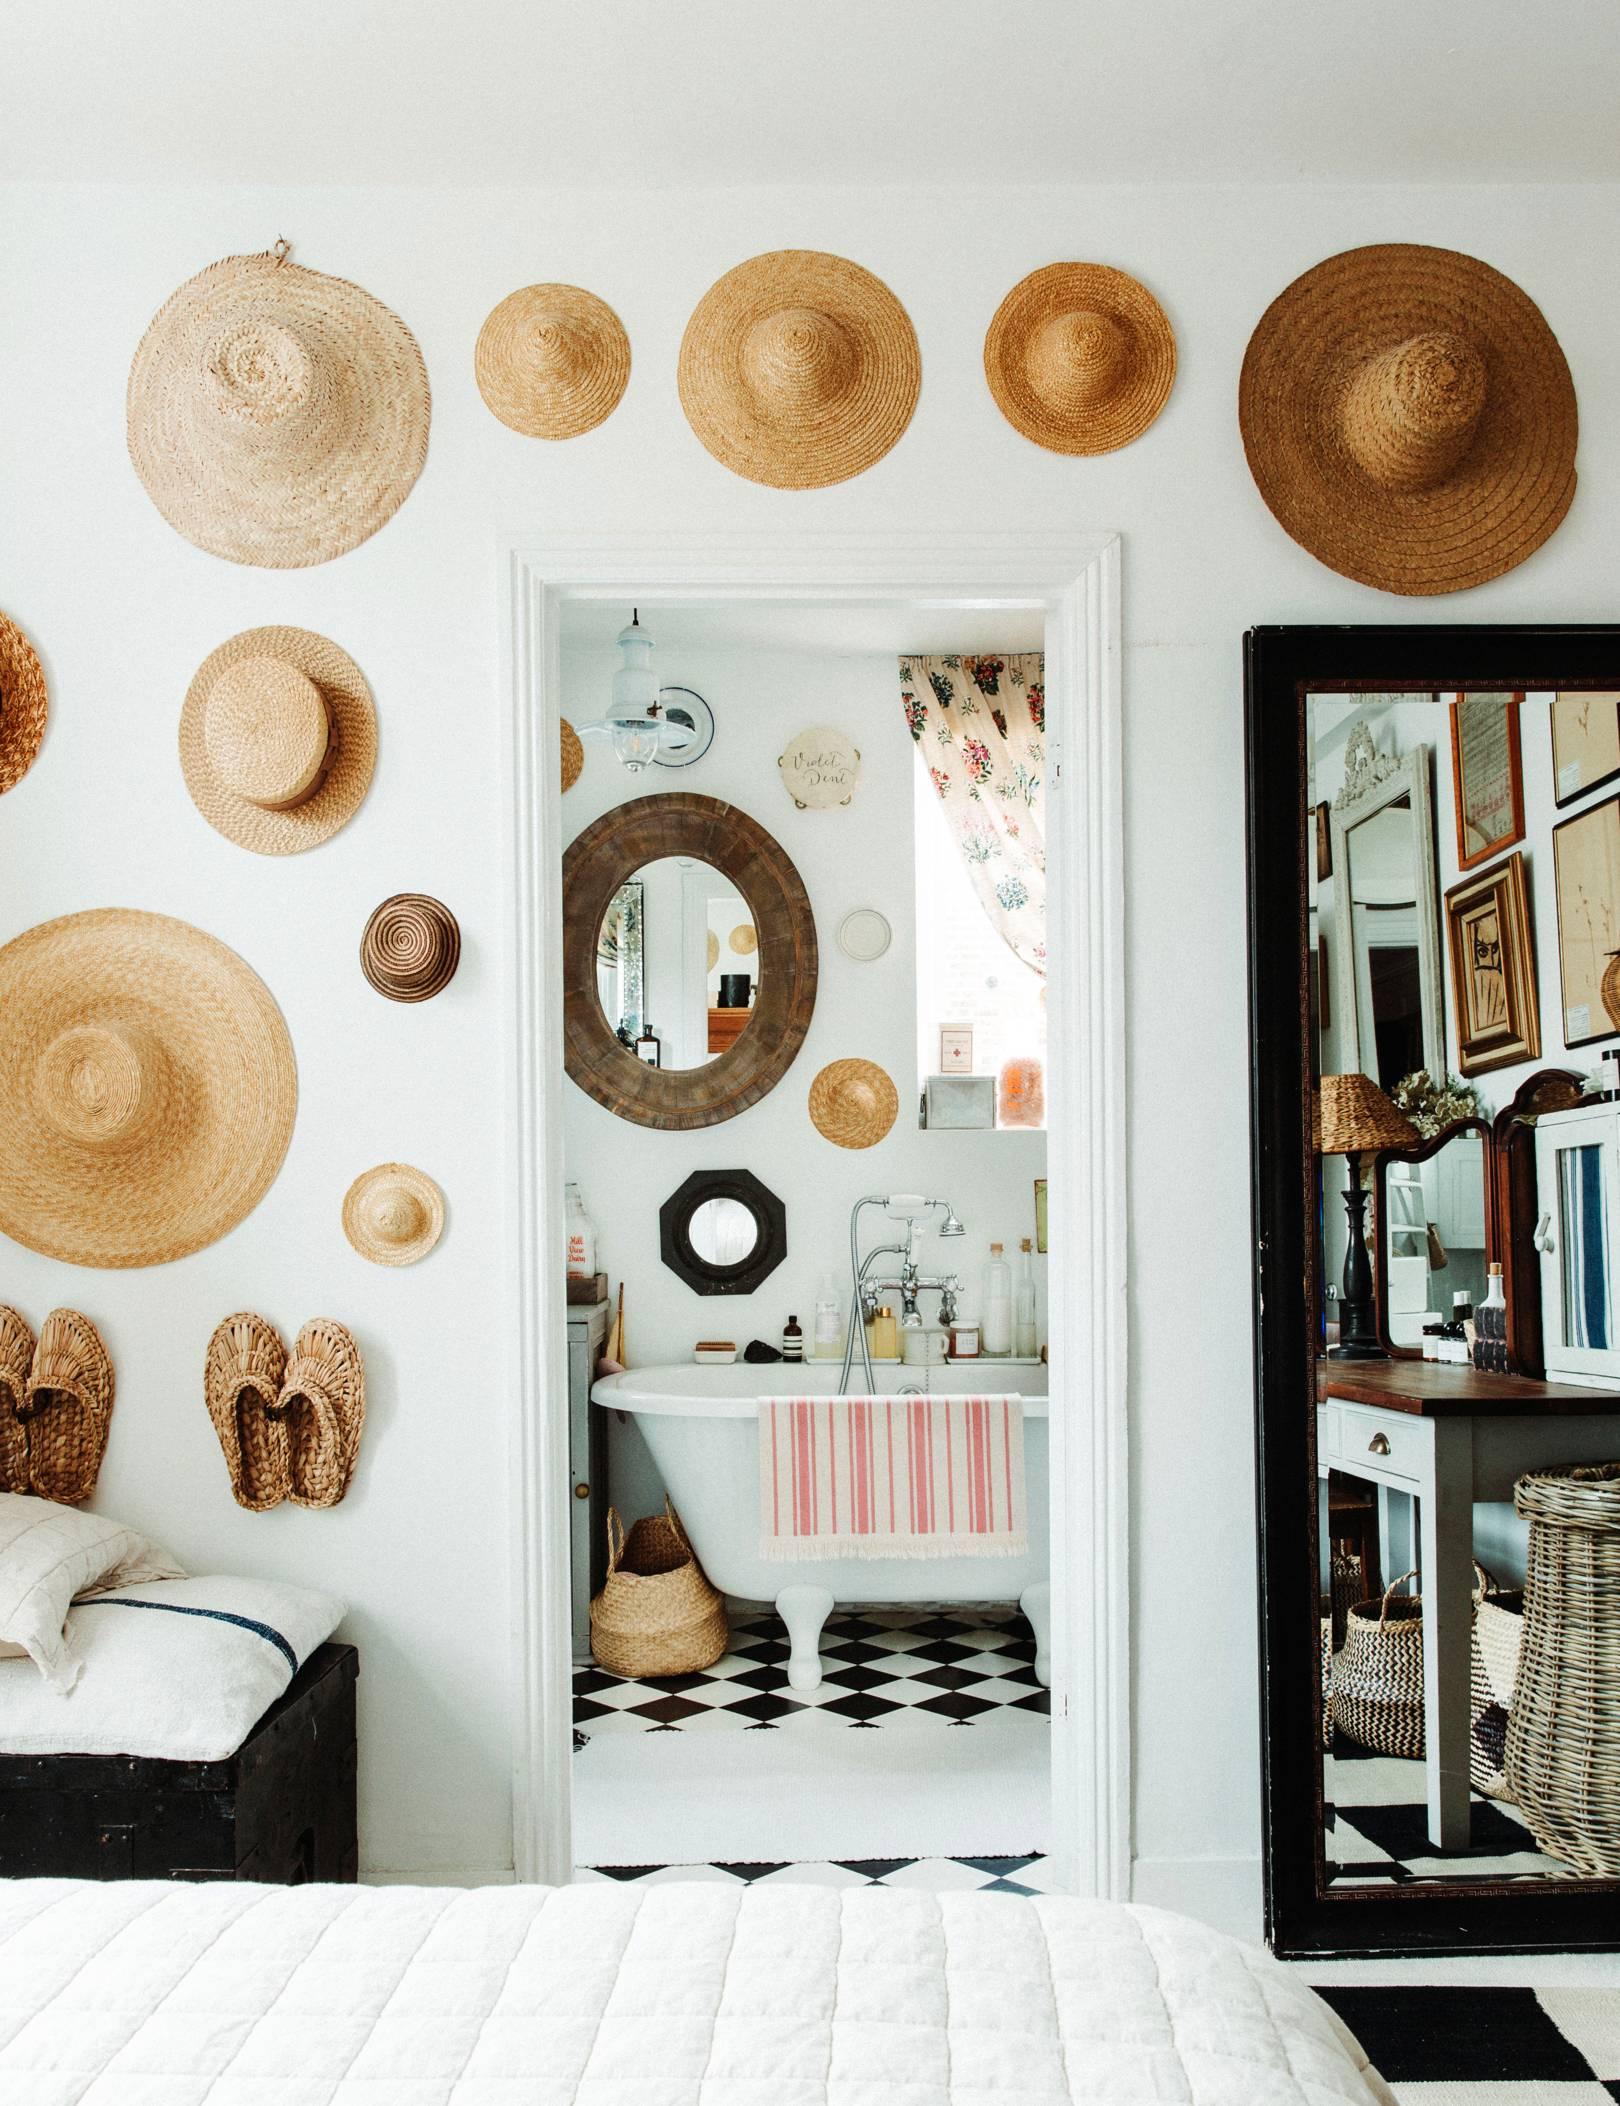 collection de chapeaux sur les murs | Visite romantique de la maison éclectique de Violet Dent